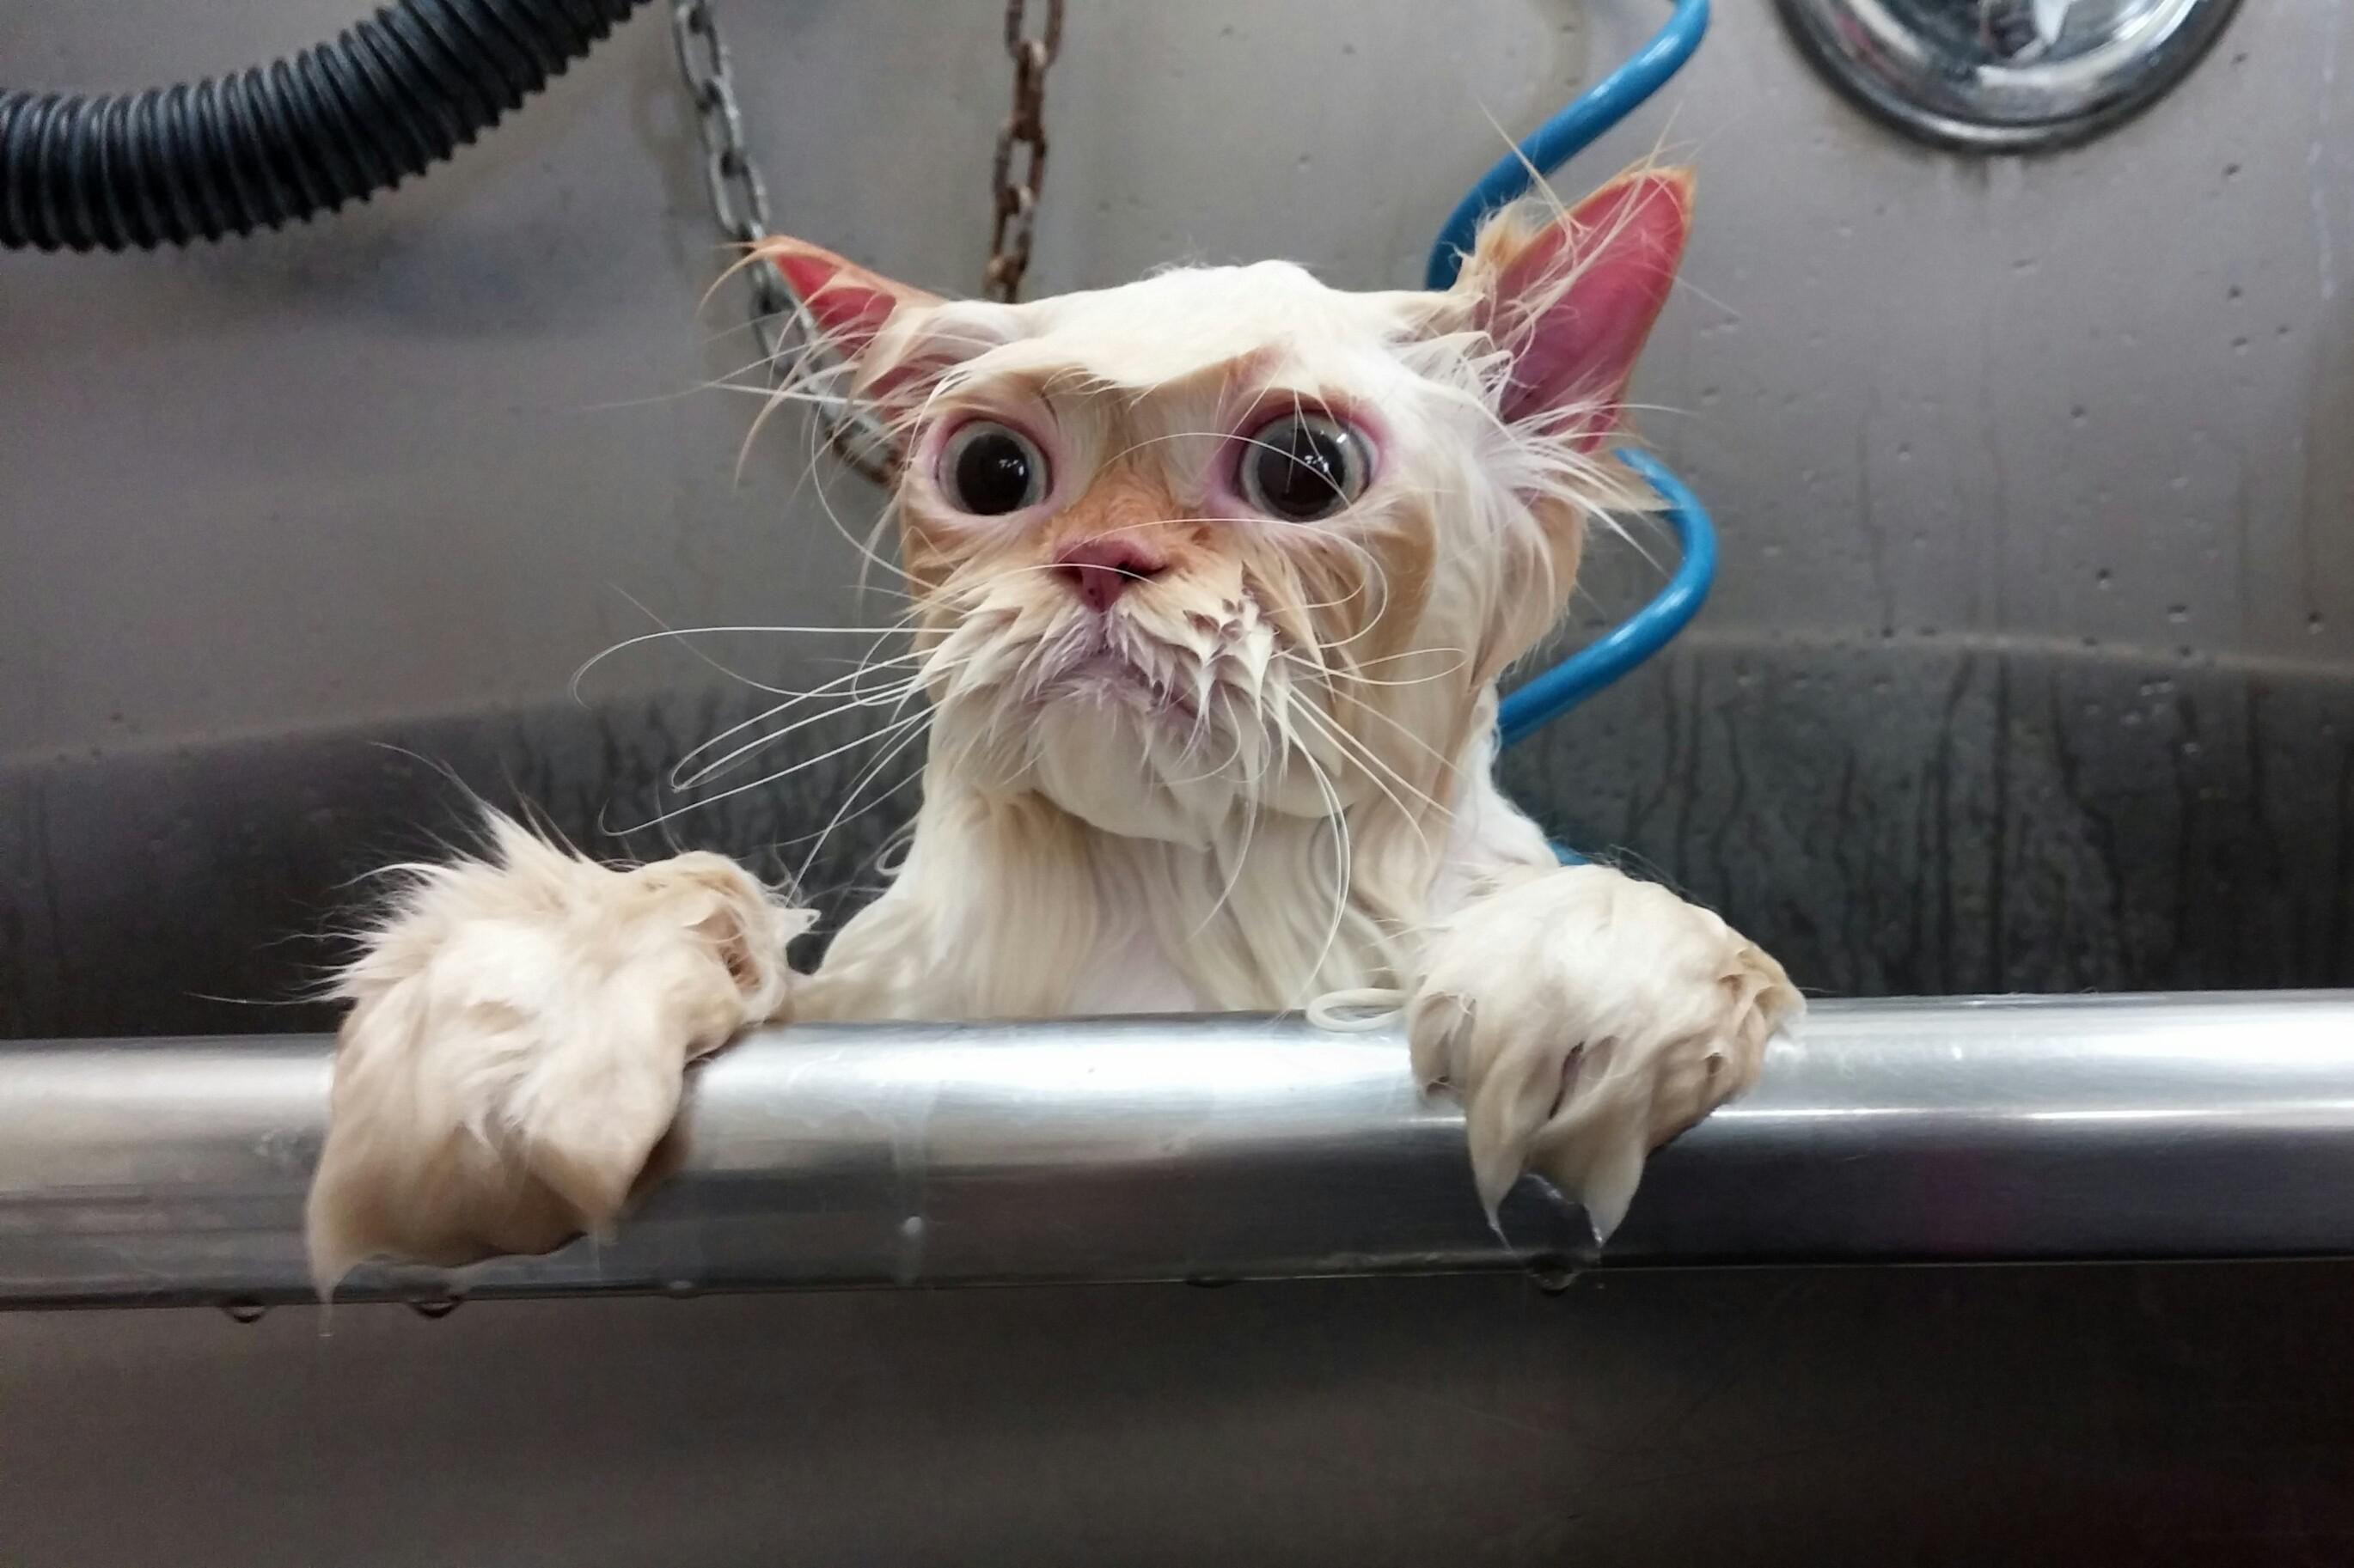 Psbattle Wet Cat Peeking Out Of The Bathroom